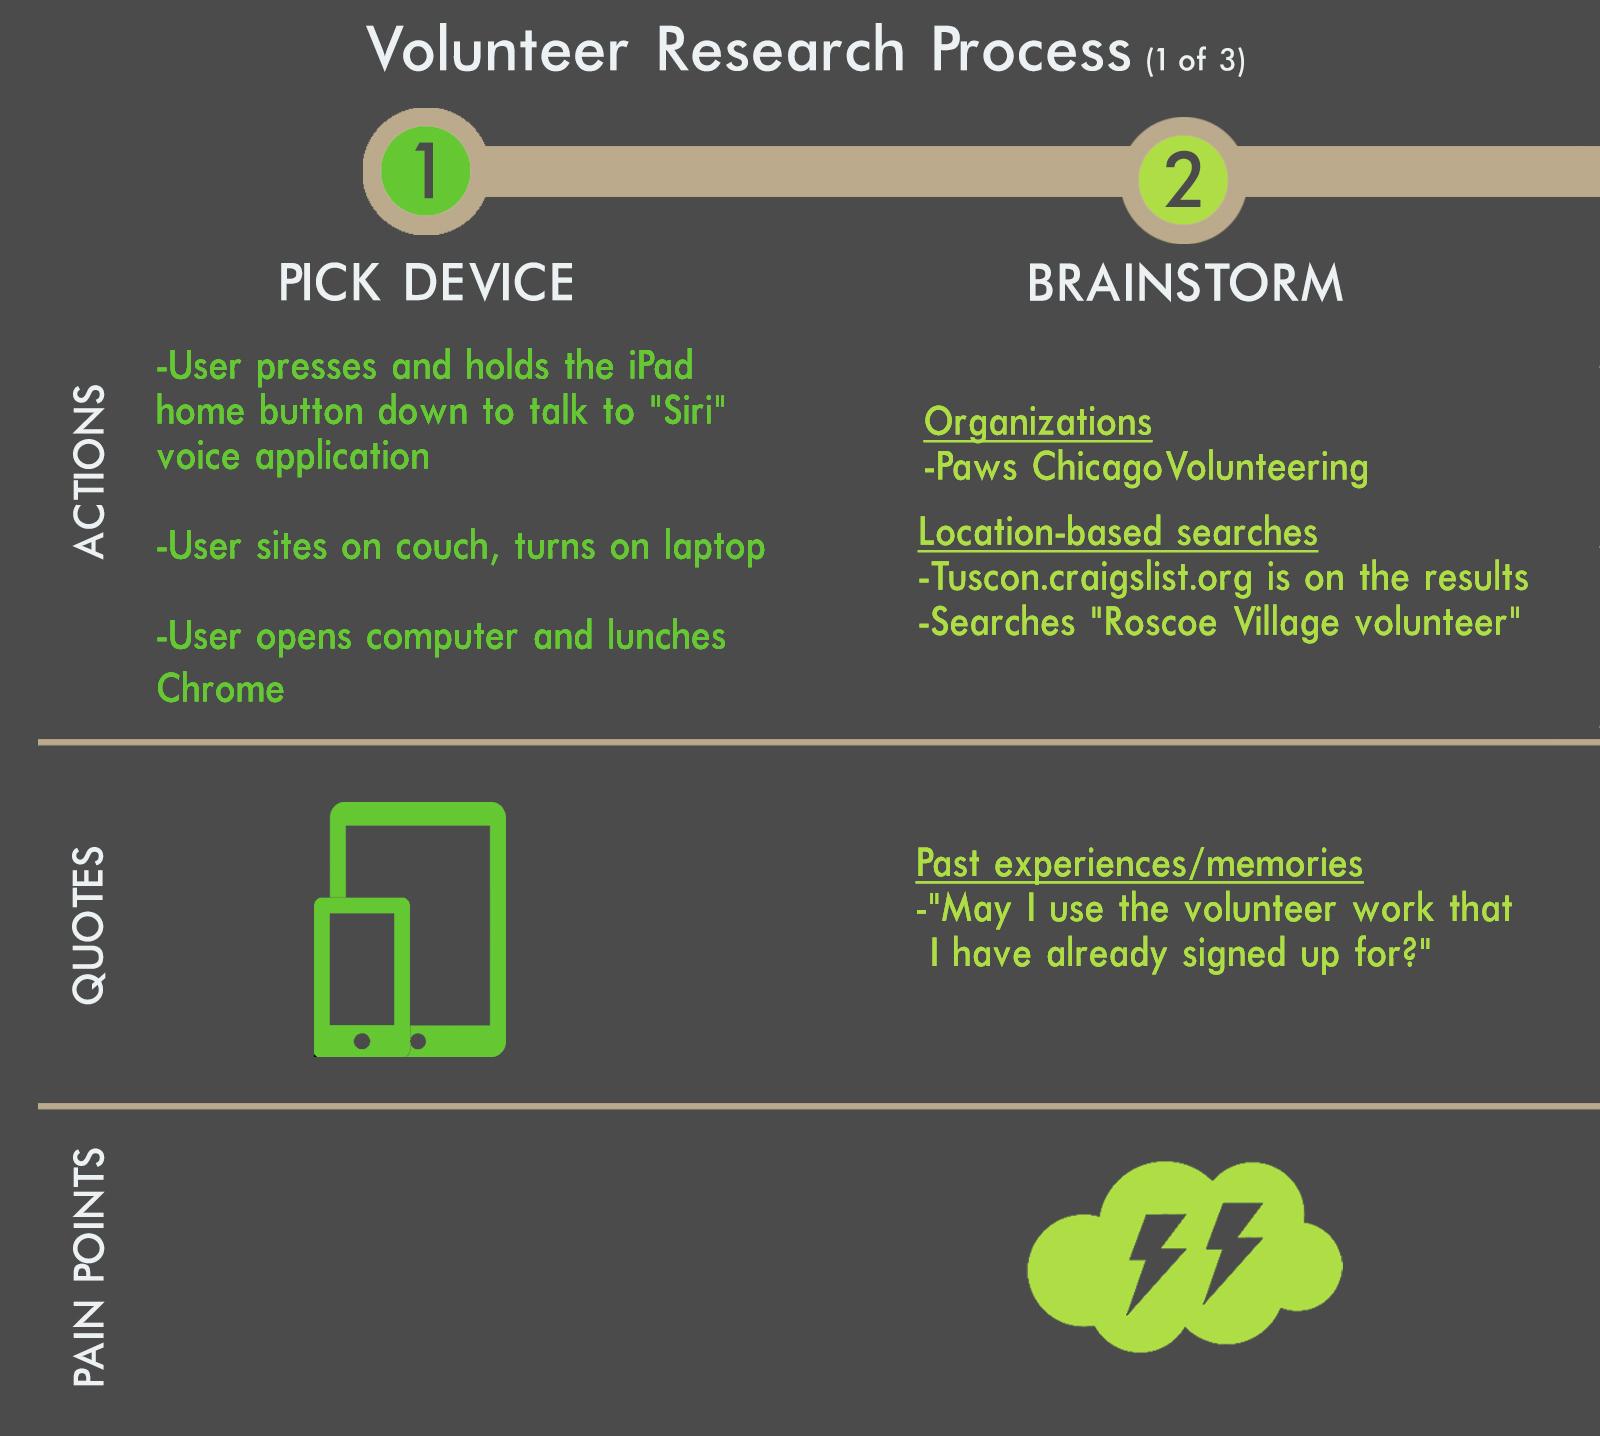 VolunteerObservationProcess1.jpg